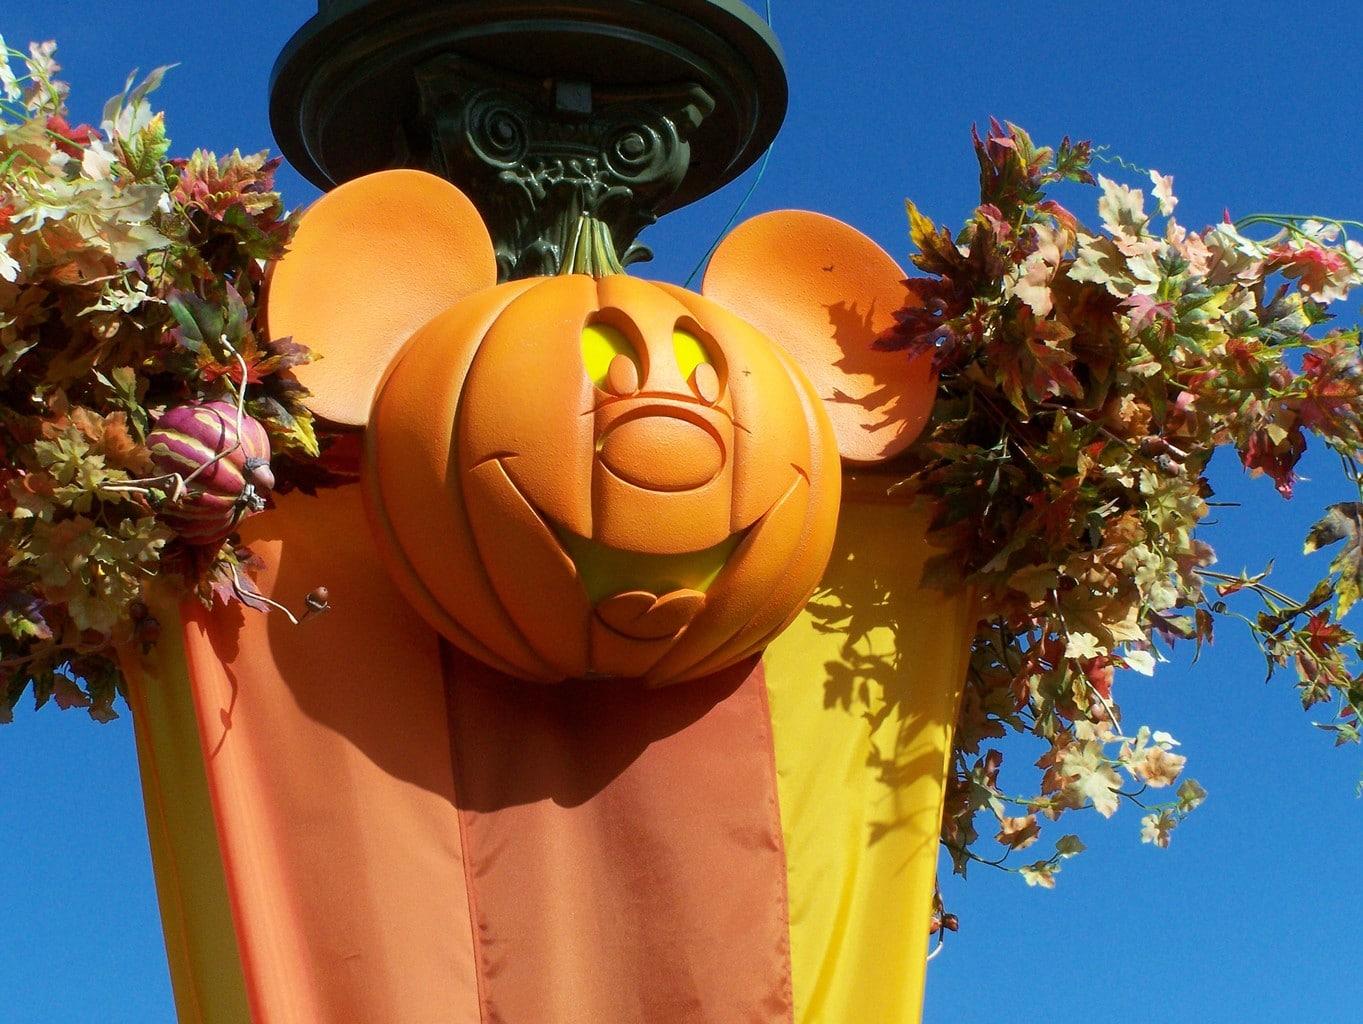 Disney in the fall